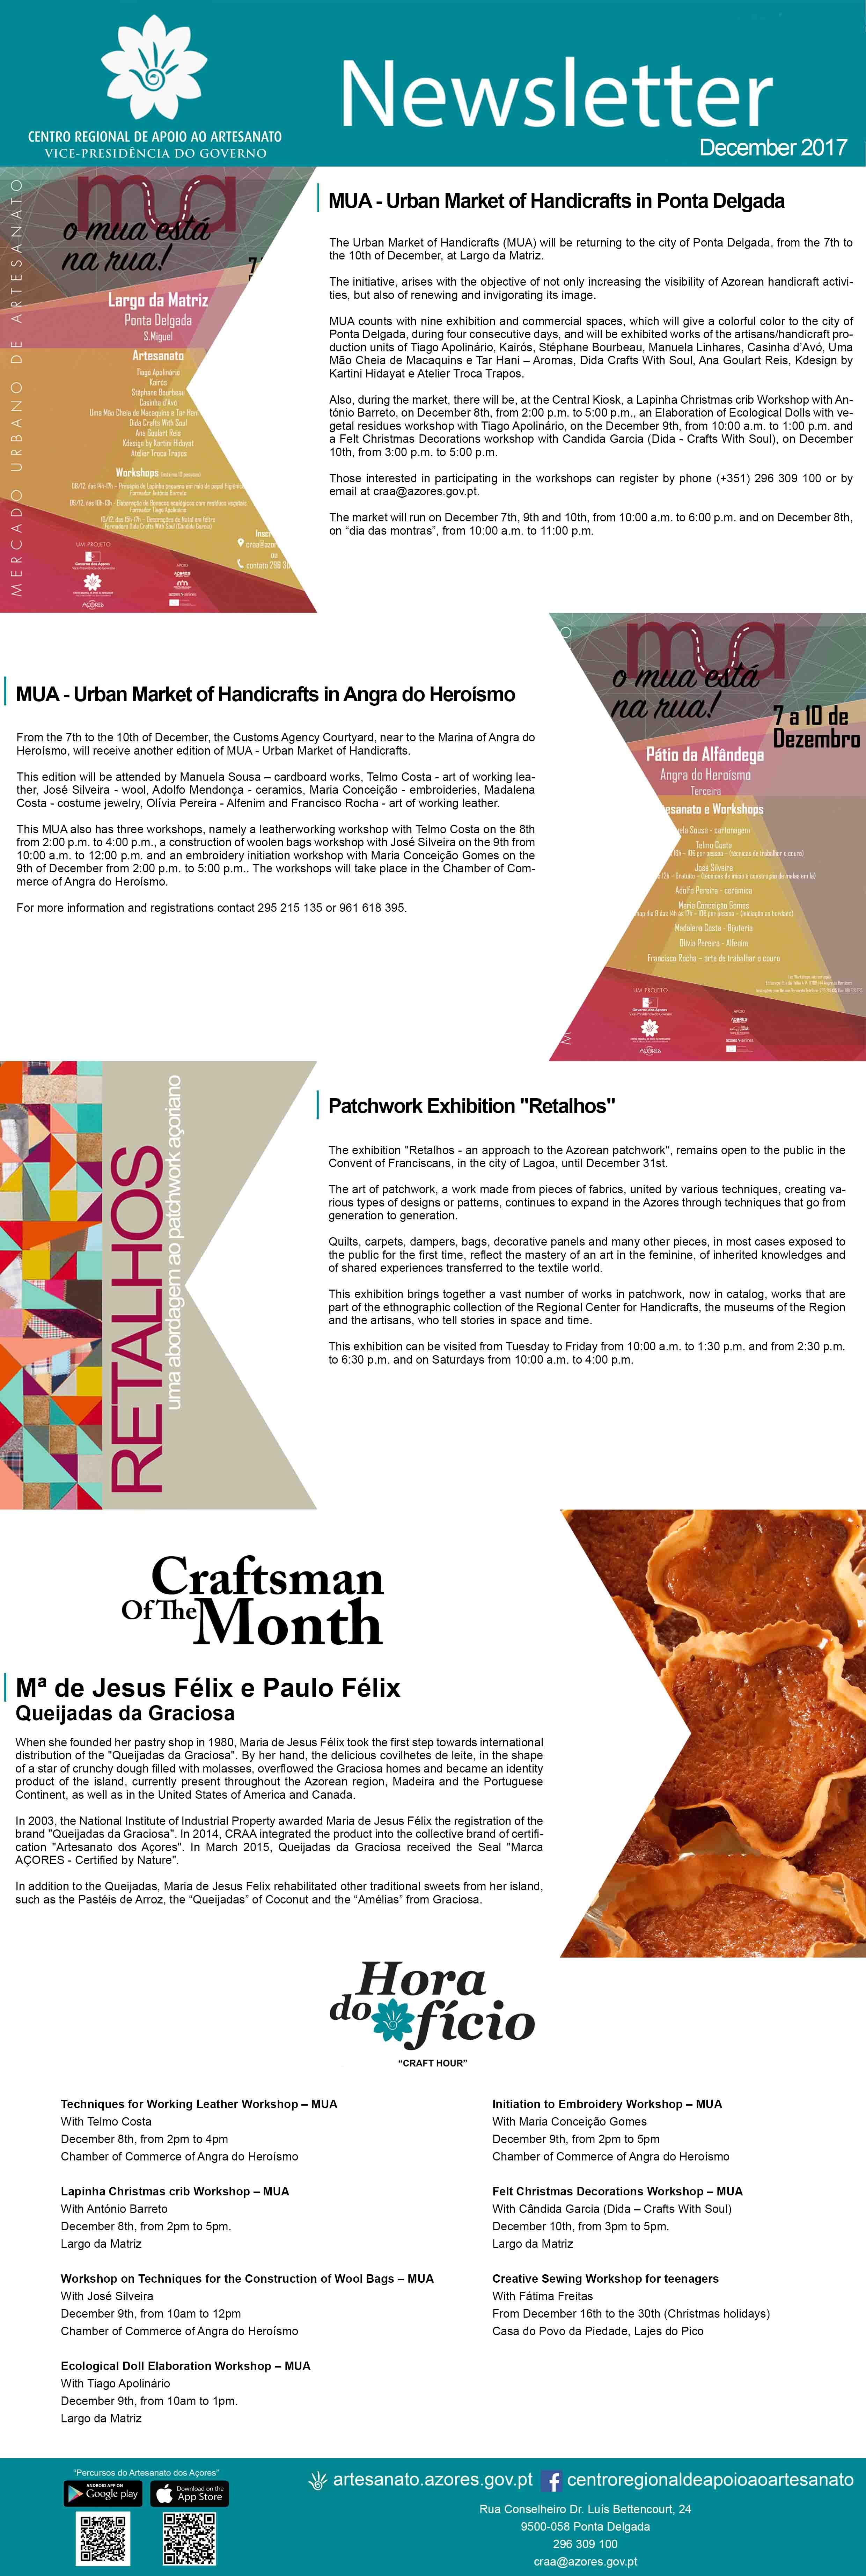 Newsletter NOVA Dezembro 17 EN